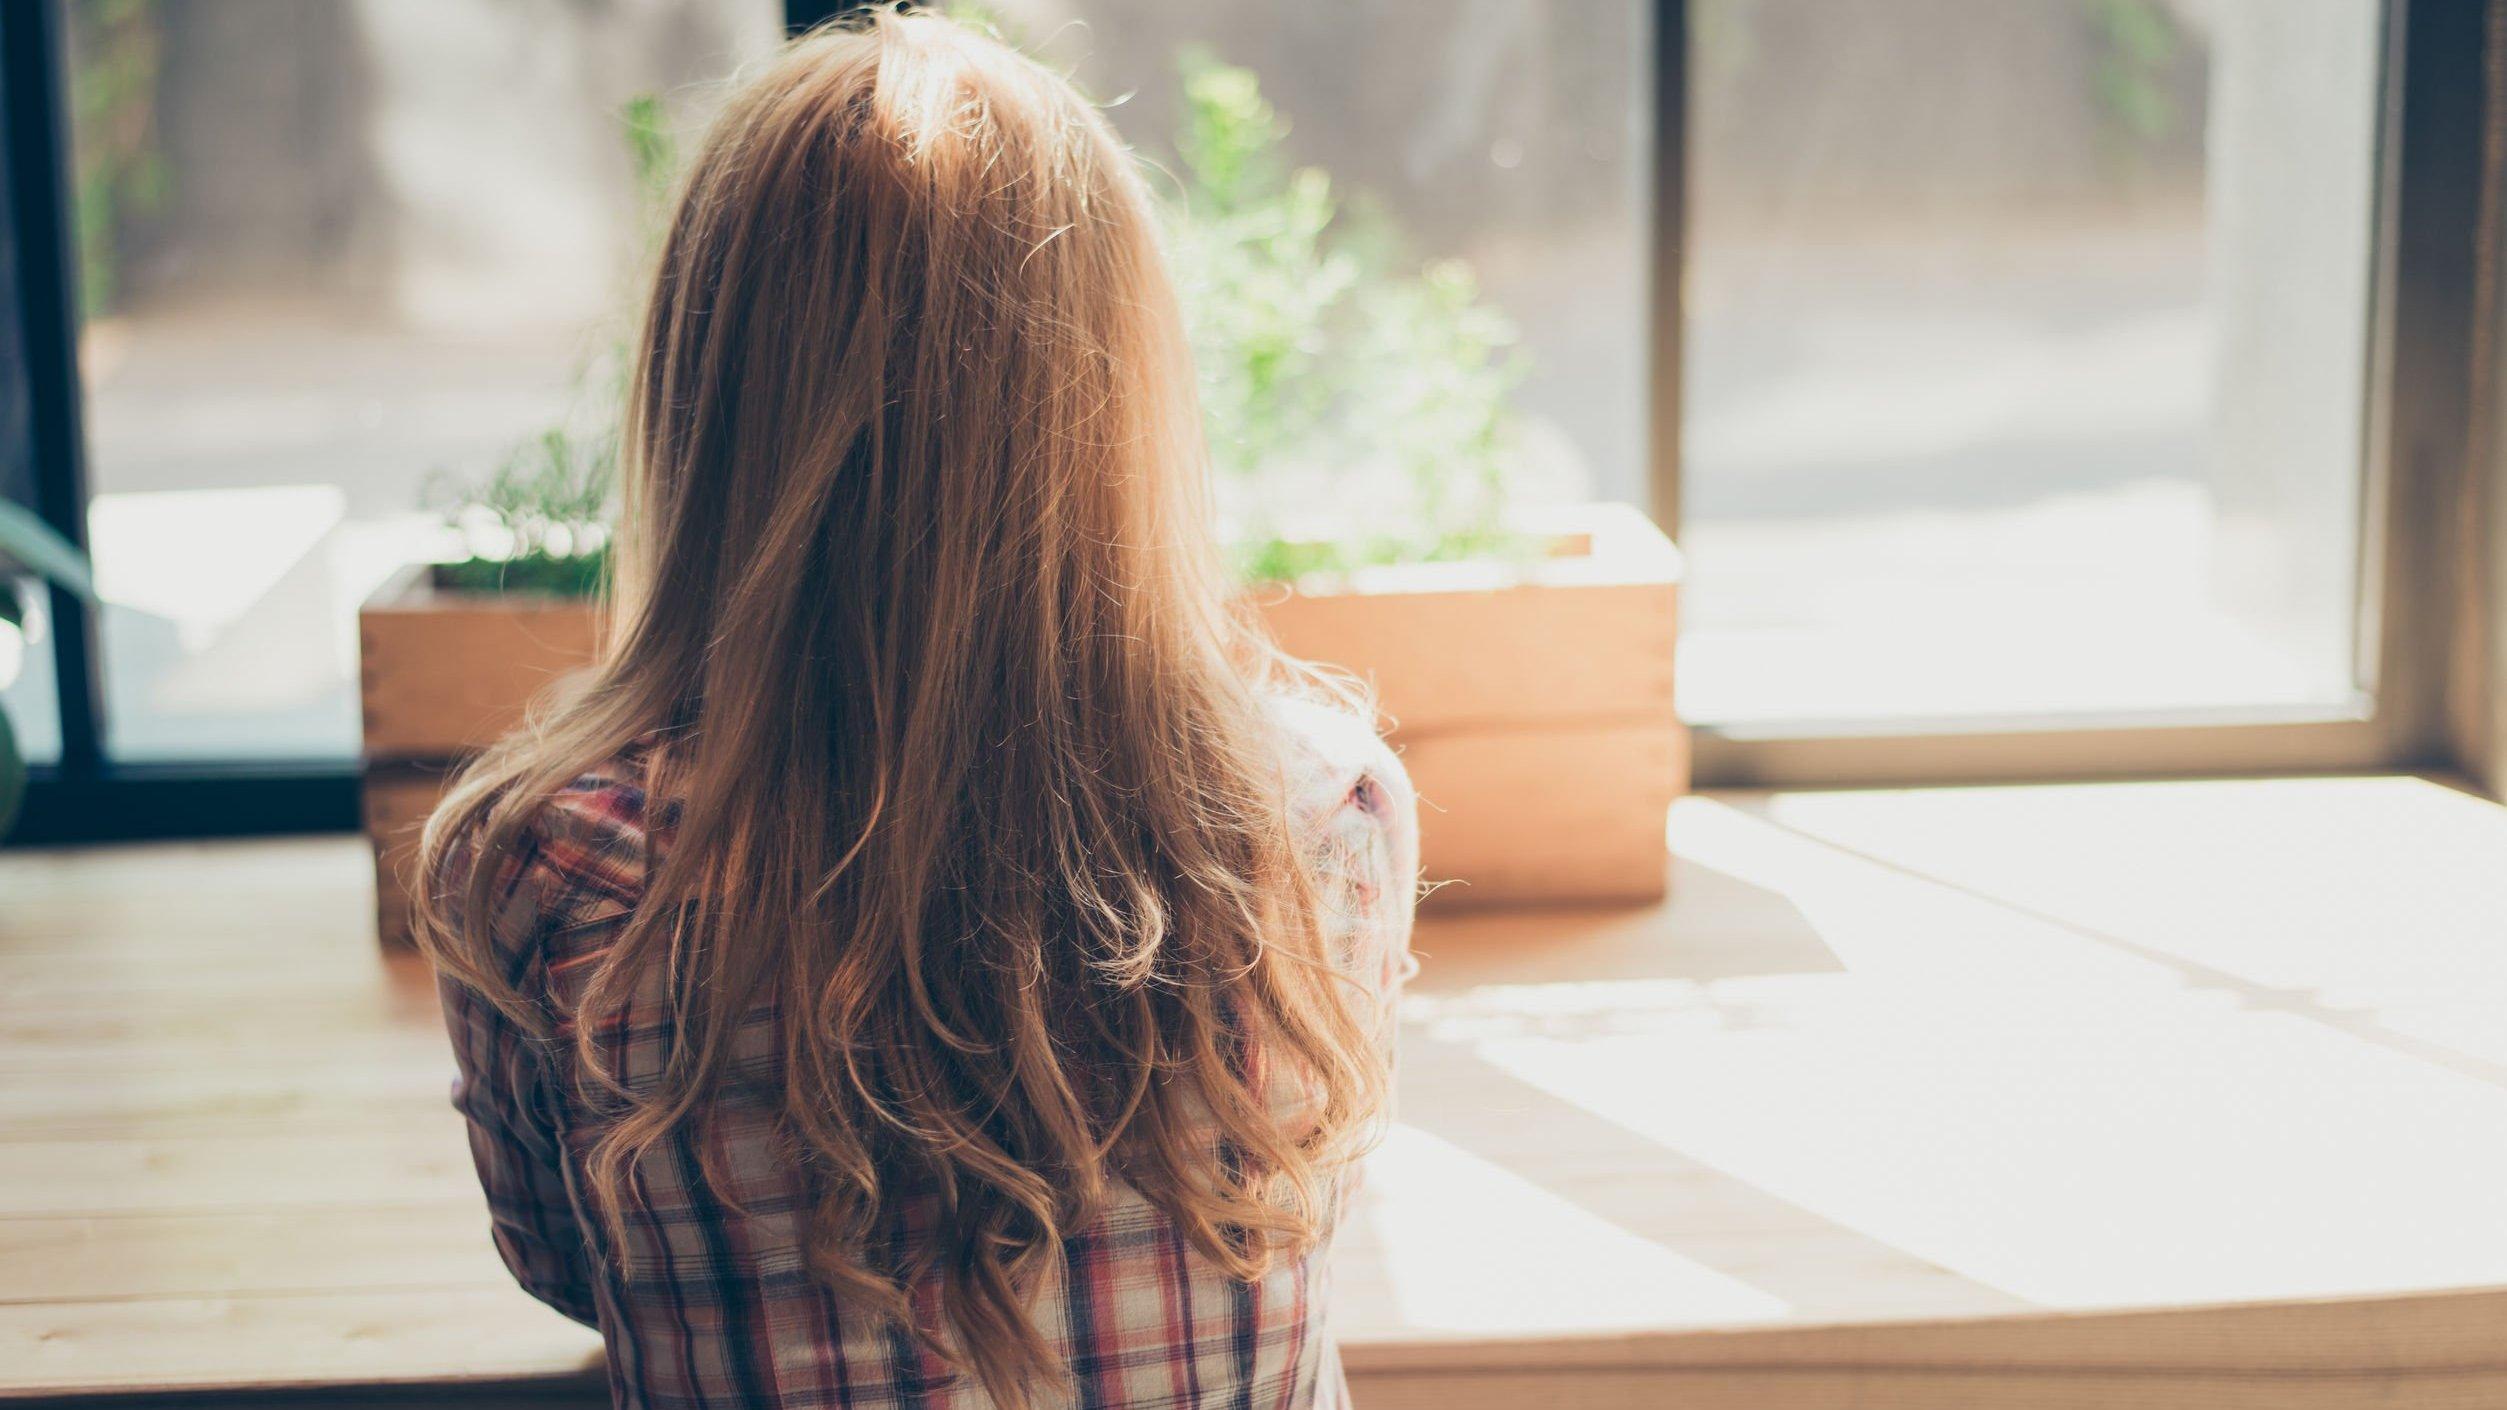 Mulher olhando para a janela de cabelos soltos usando blusa xadrez